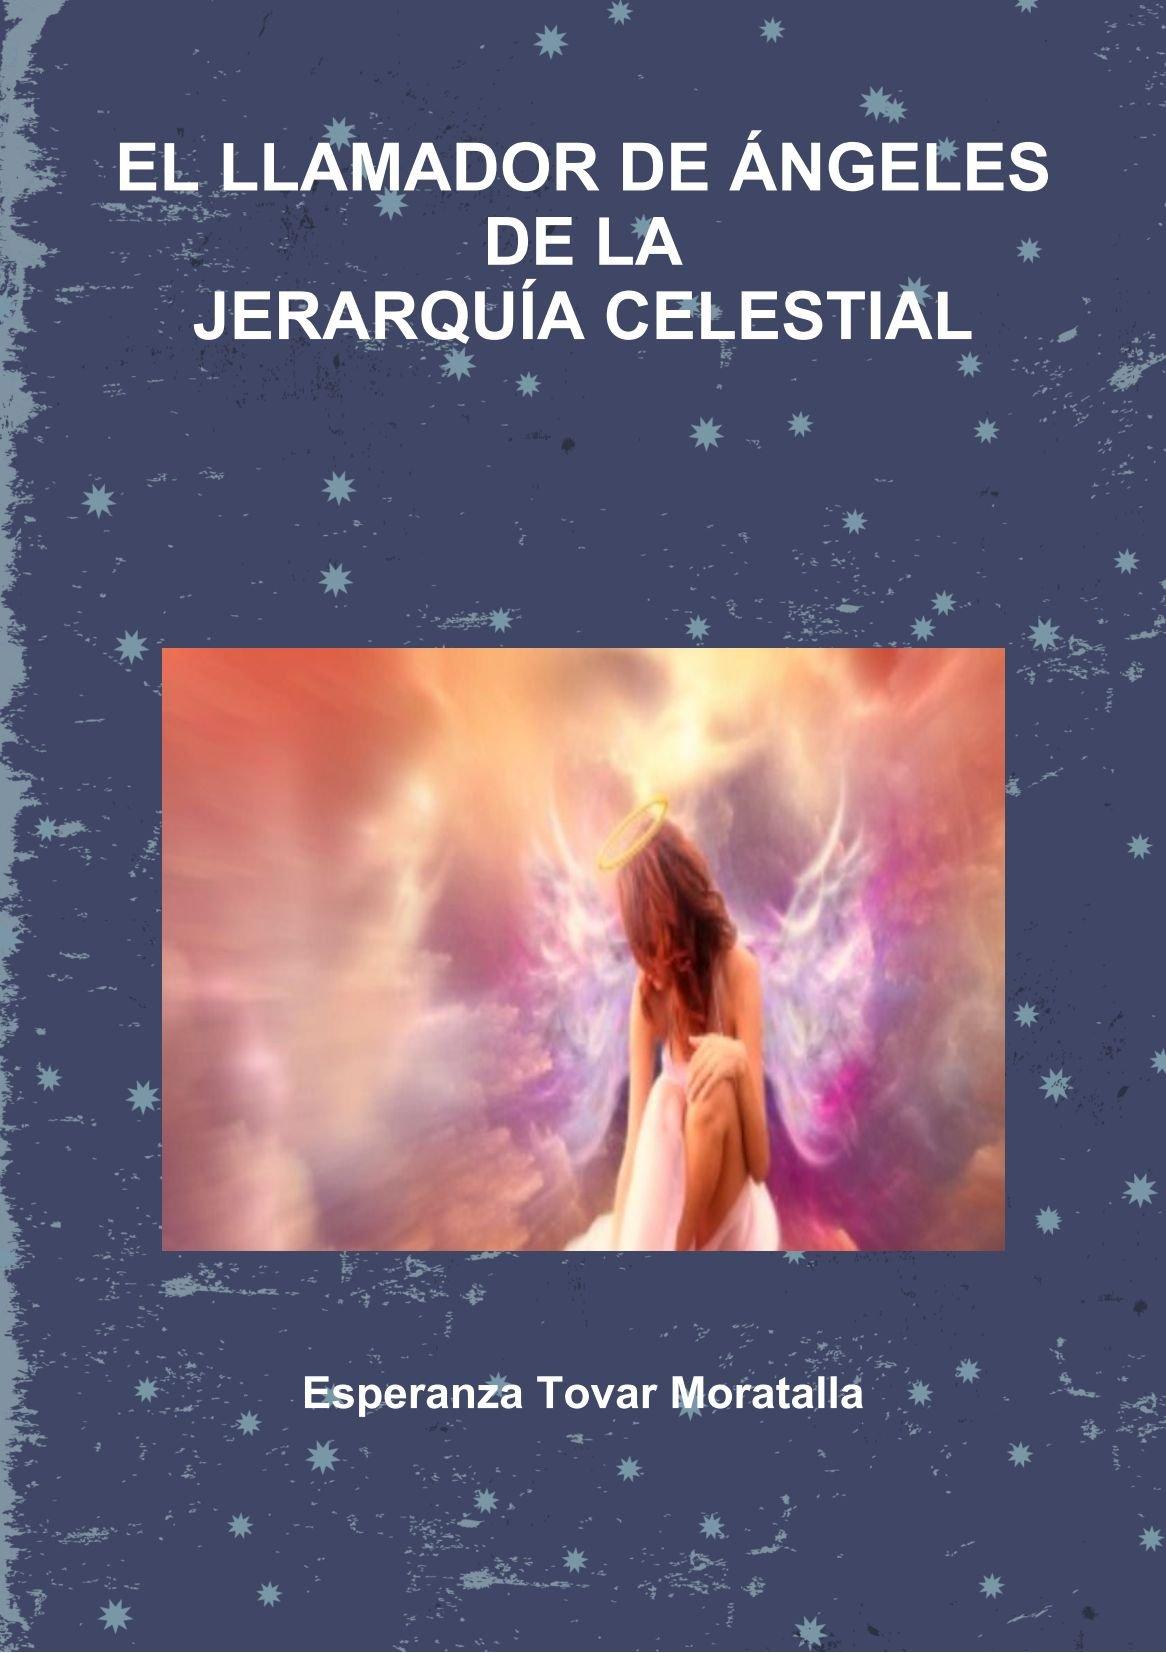 EL Llamador De Angeles De La Jerarquia Celestial: Amazon.es: Esperanza Tovar Moratalla: Libros